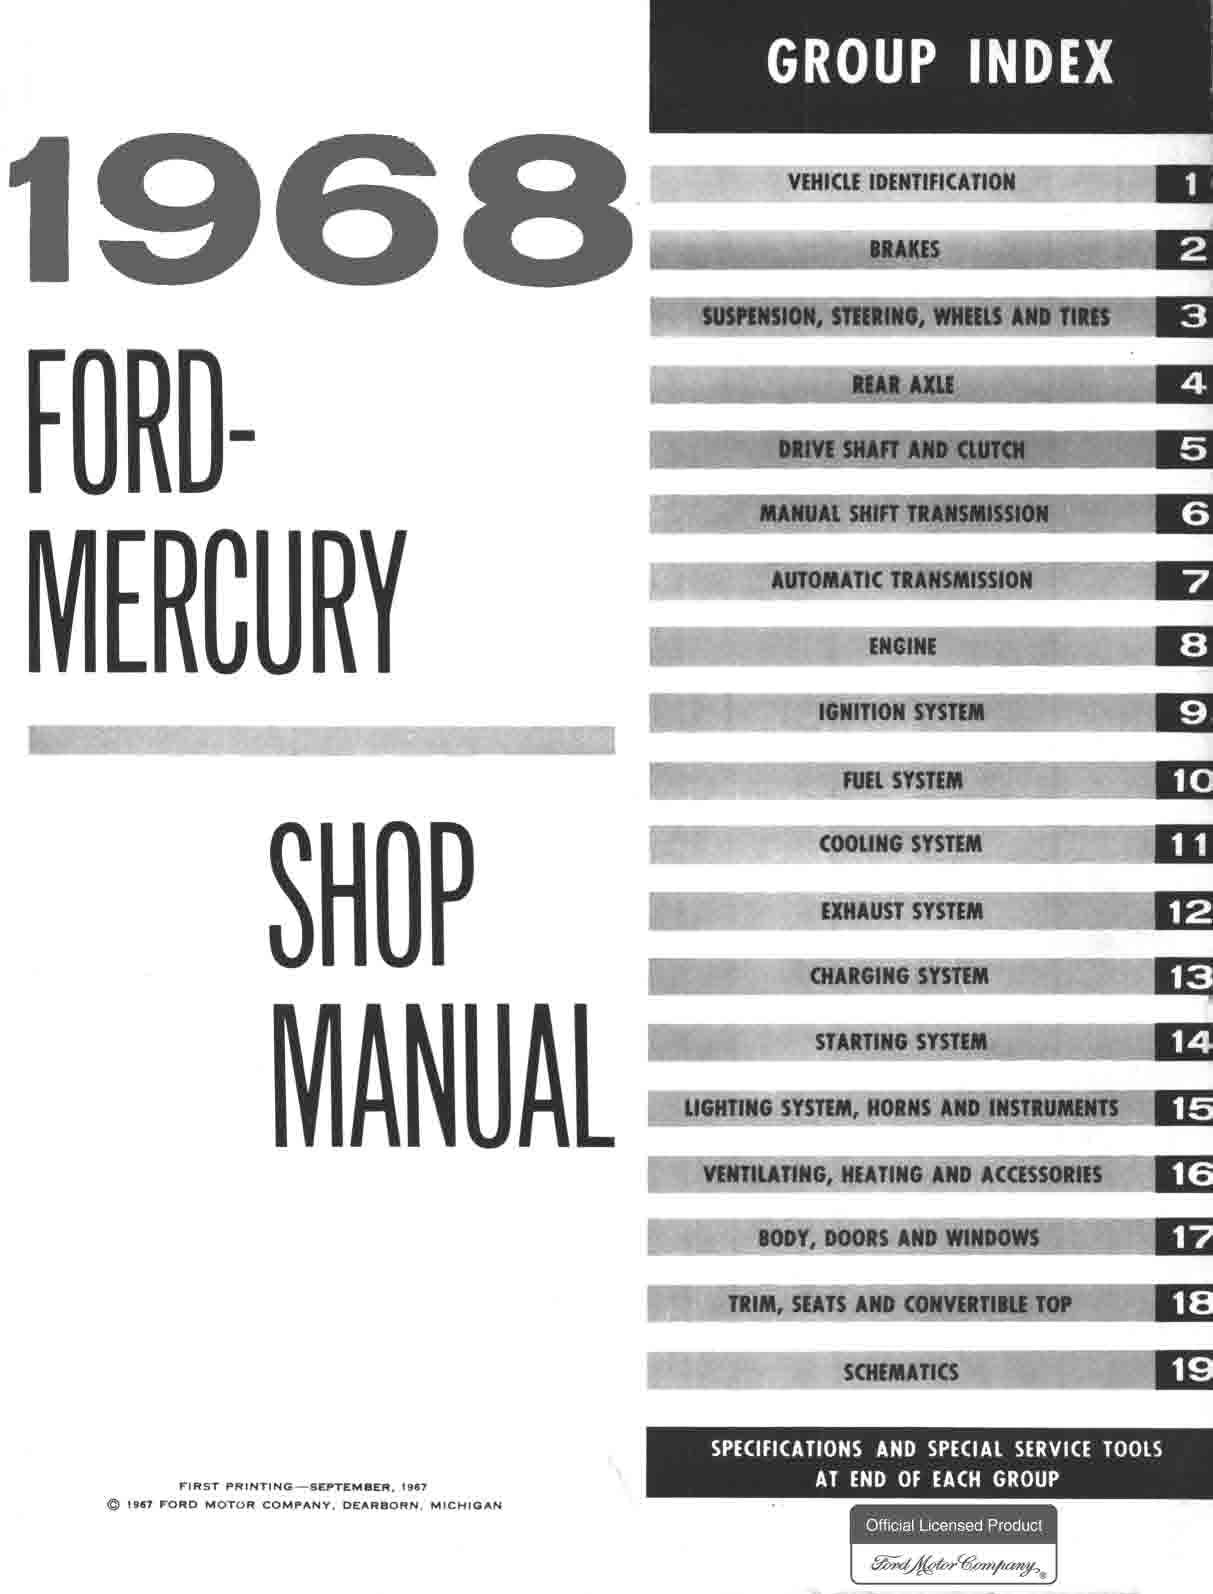 1968 Ford And Mercury Big Car Repair Manual